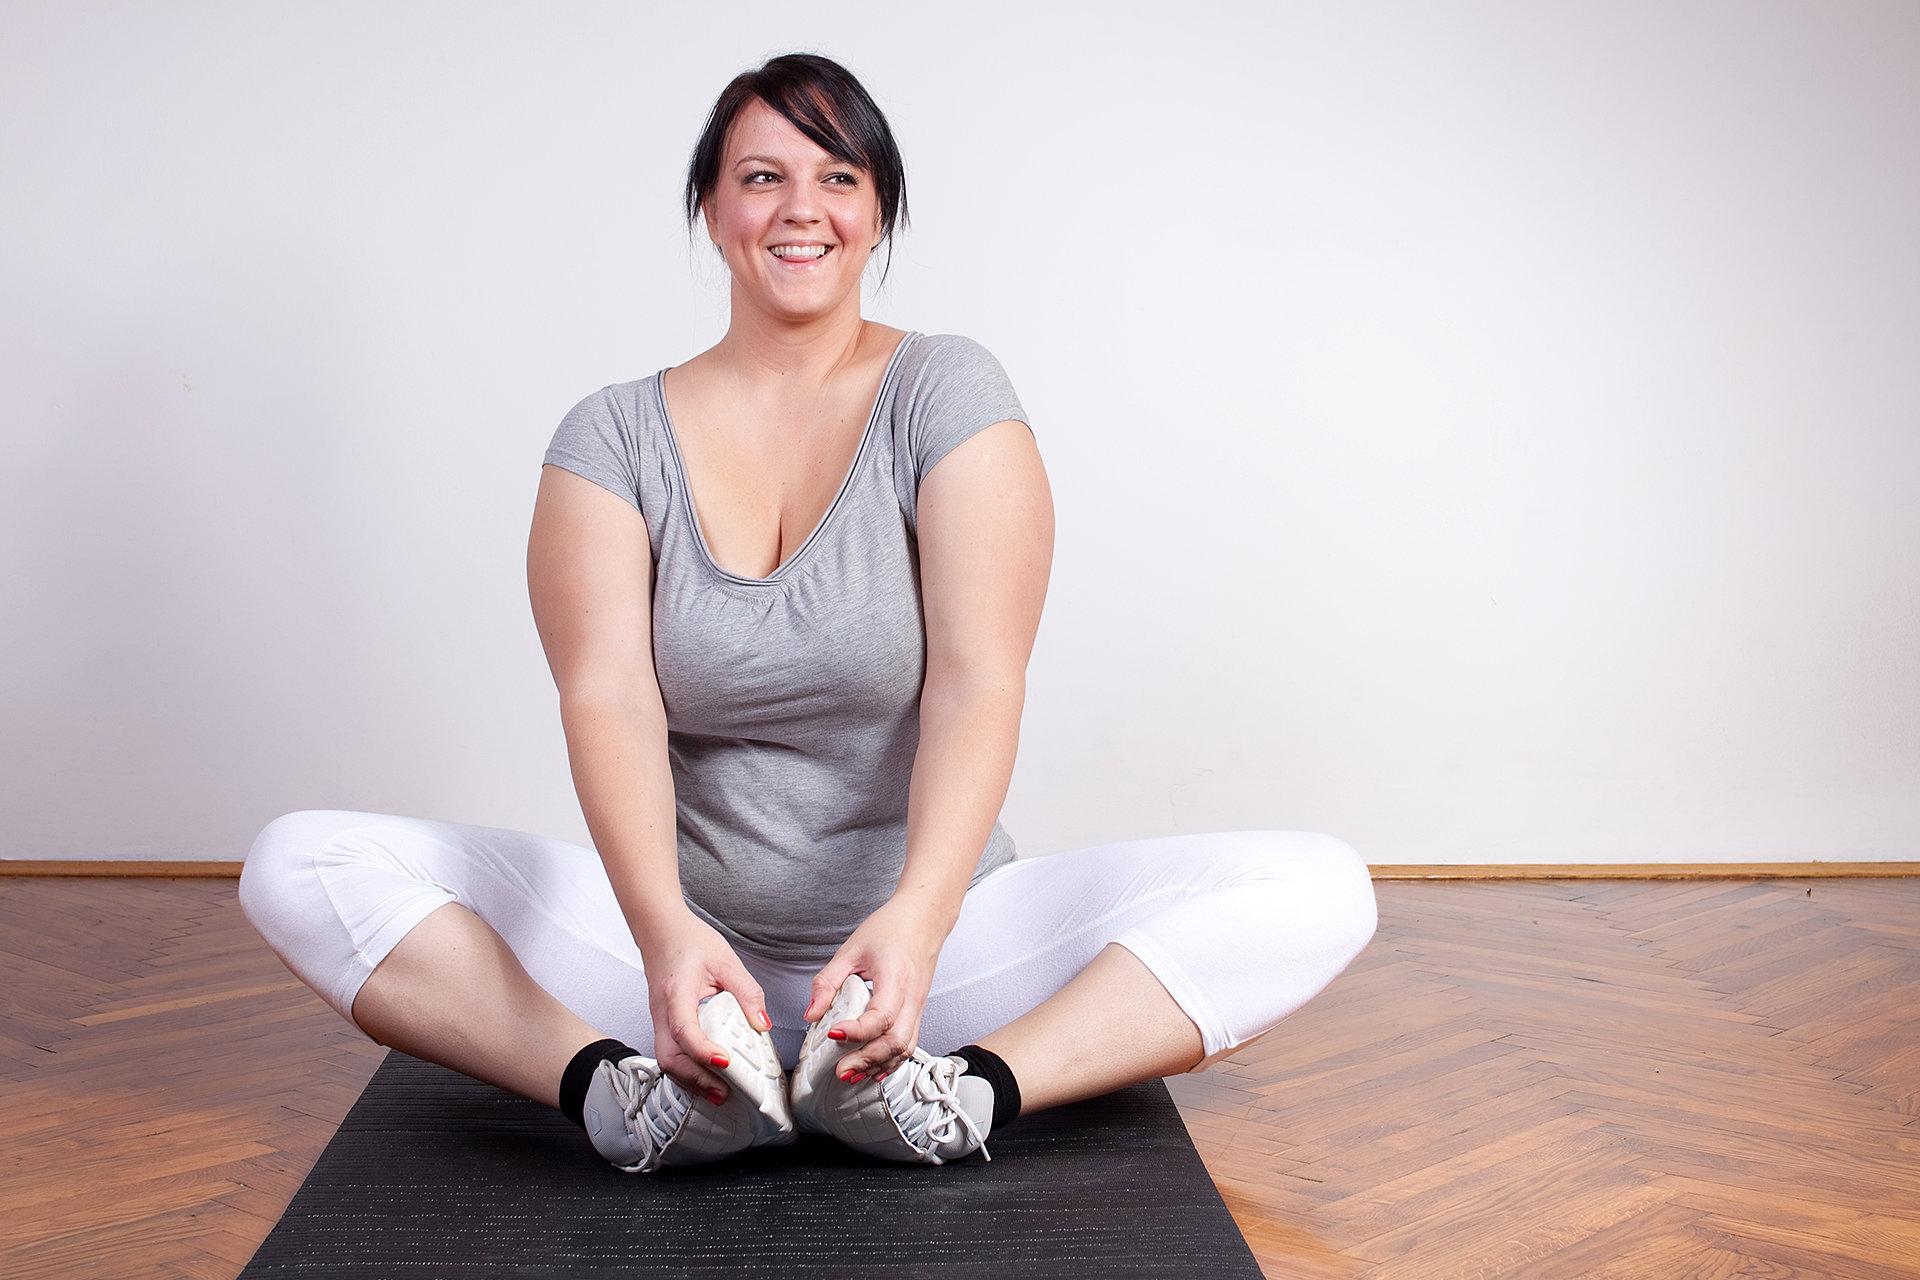 Я Занимаюсь Йогой Похудела. Похудеть с помощью йоги на 30 кг: личный опыт